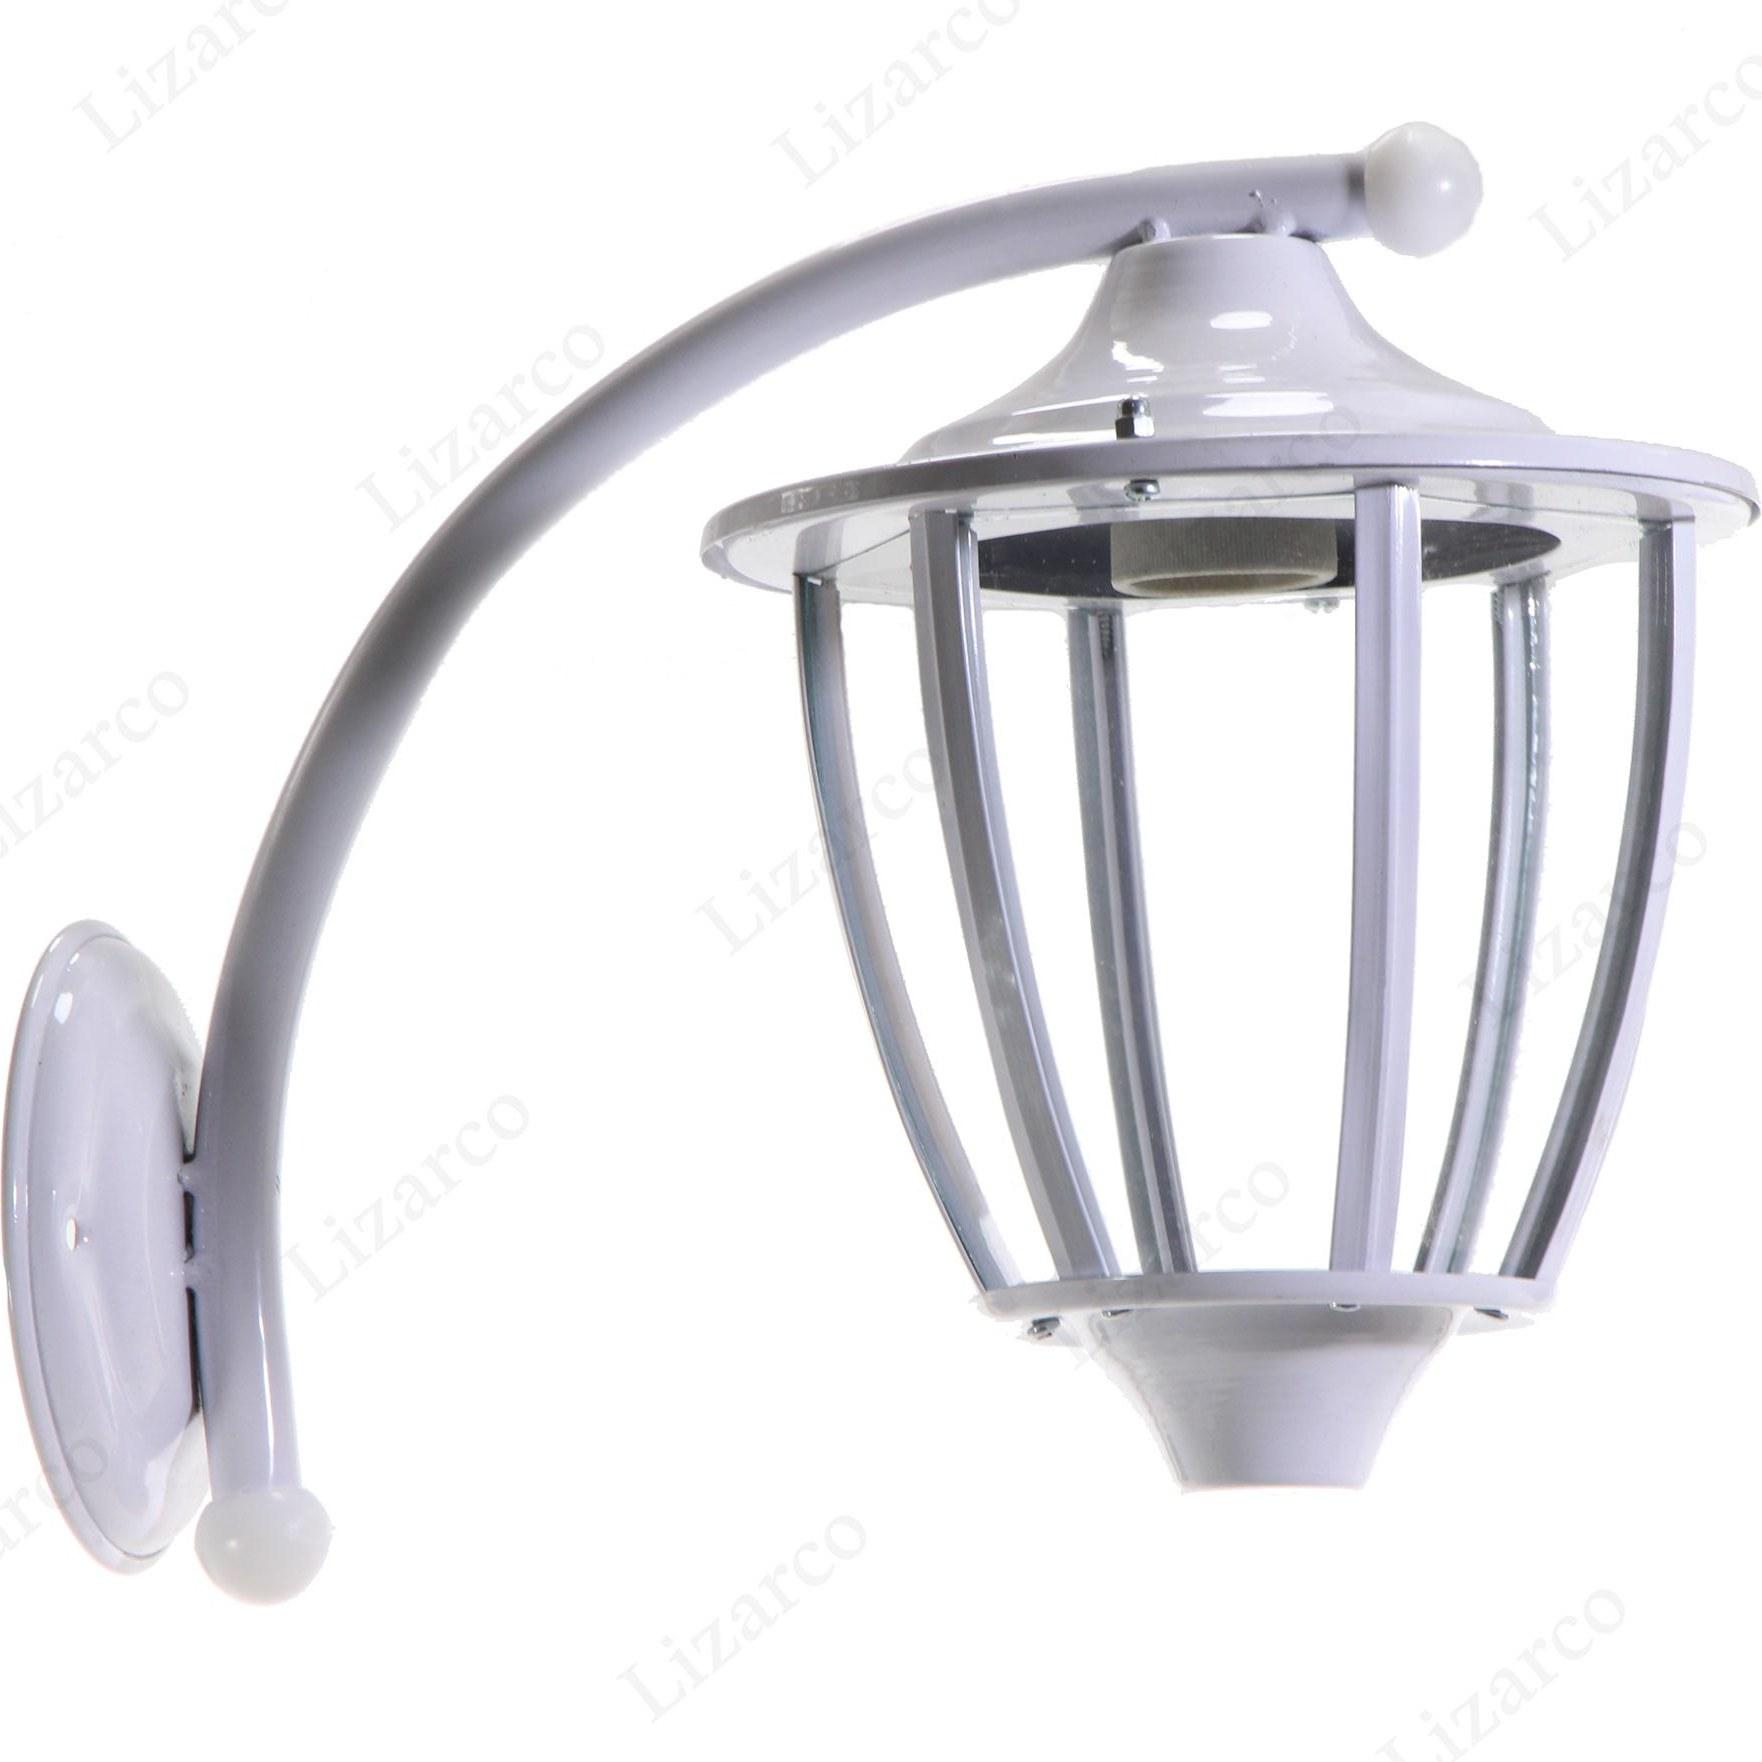 تصویر چراغ ديواری حياطی فلزی سفيد - متفرقه